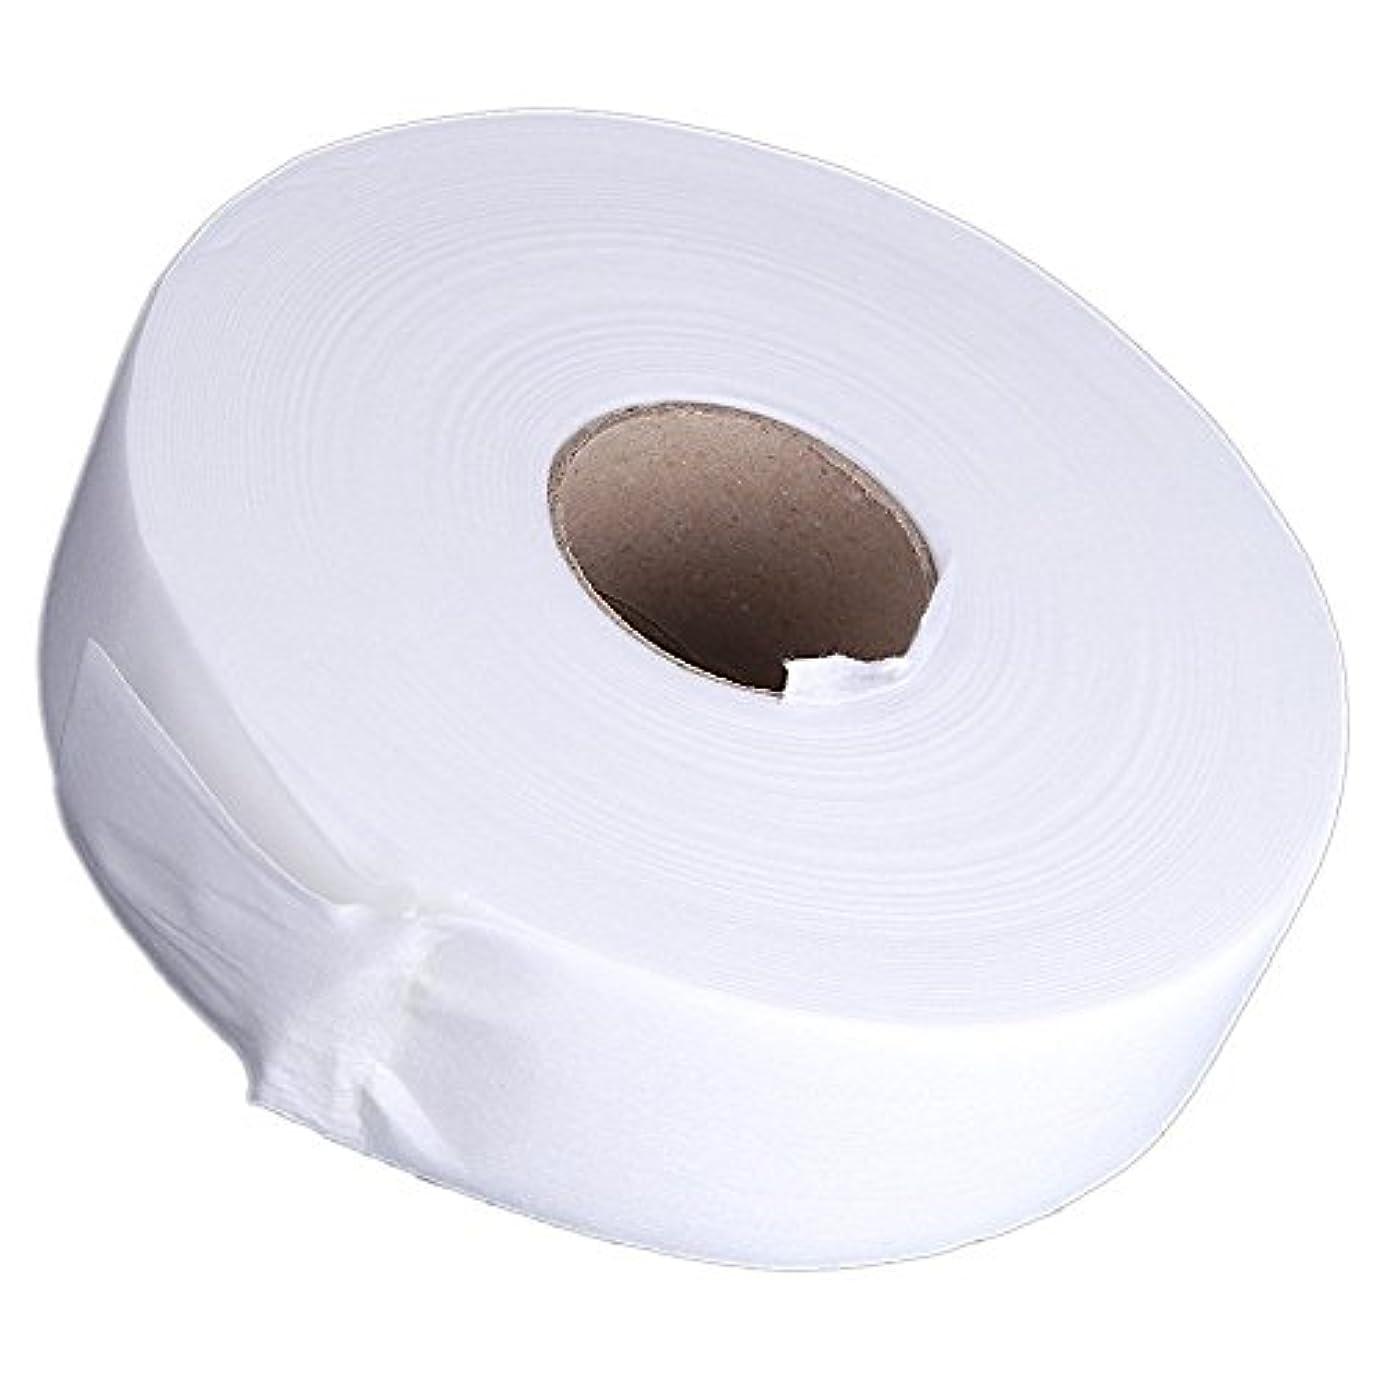 夜明けにシート宣伝CUHAWUDBA 100ヤードの脱毛紙脱毛ワックスストリップ 不織布ペーパーワックスロール(白)